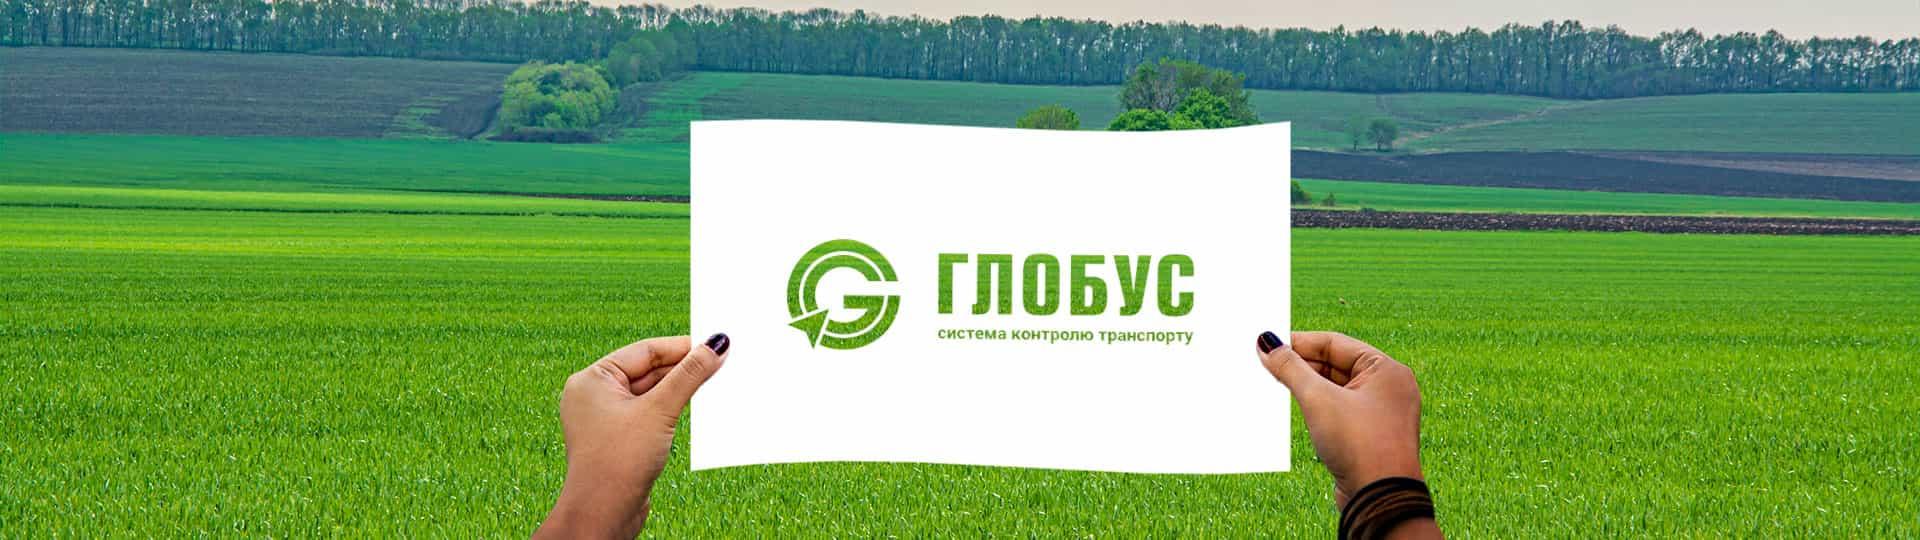 """лучший GPS-трекер для автомобиля в Украине от СКТ """"Глобус"""""""